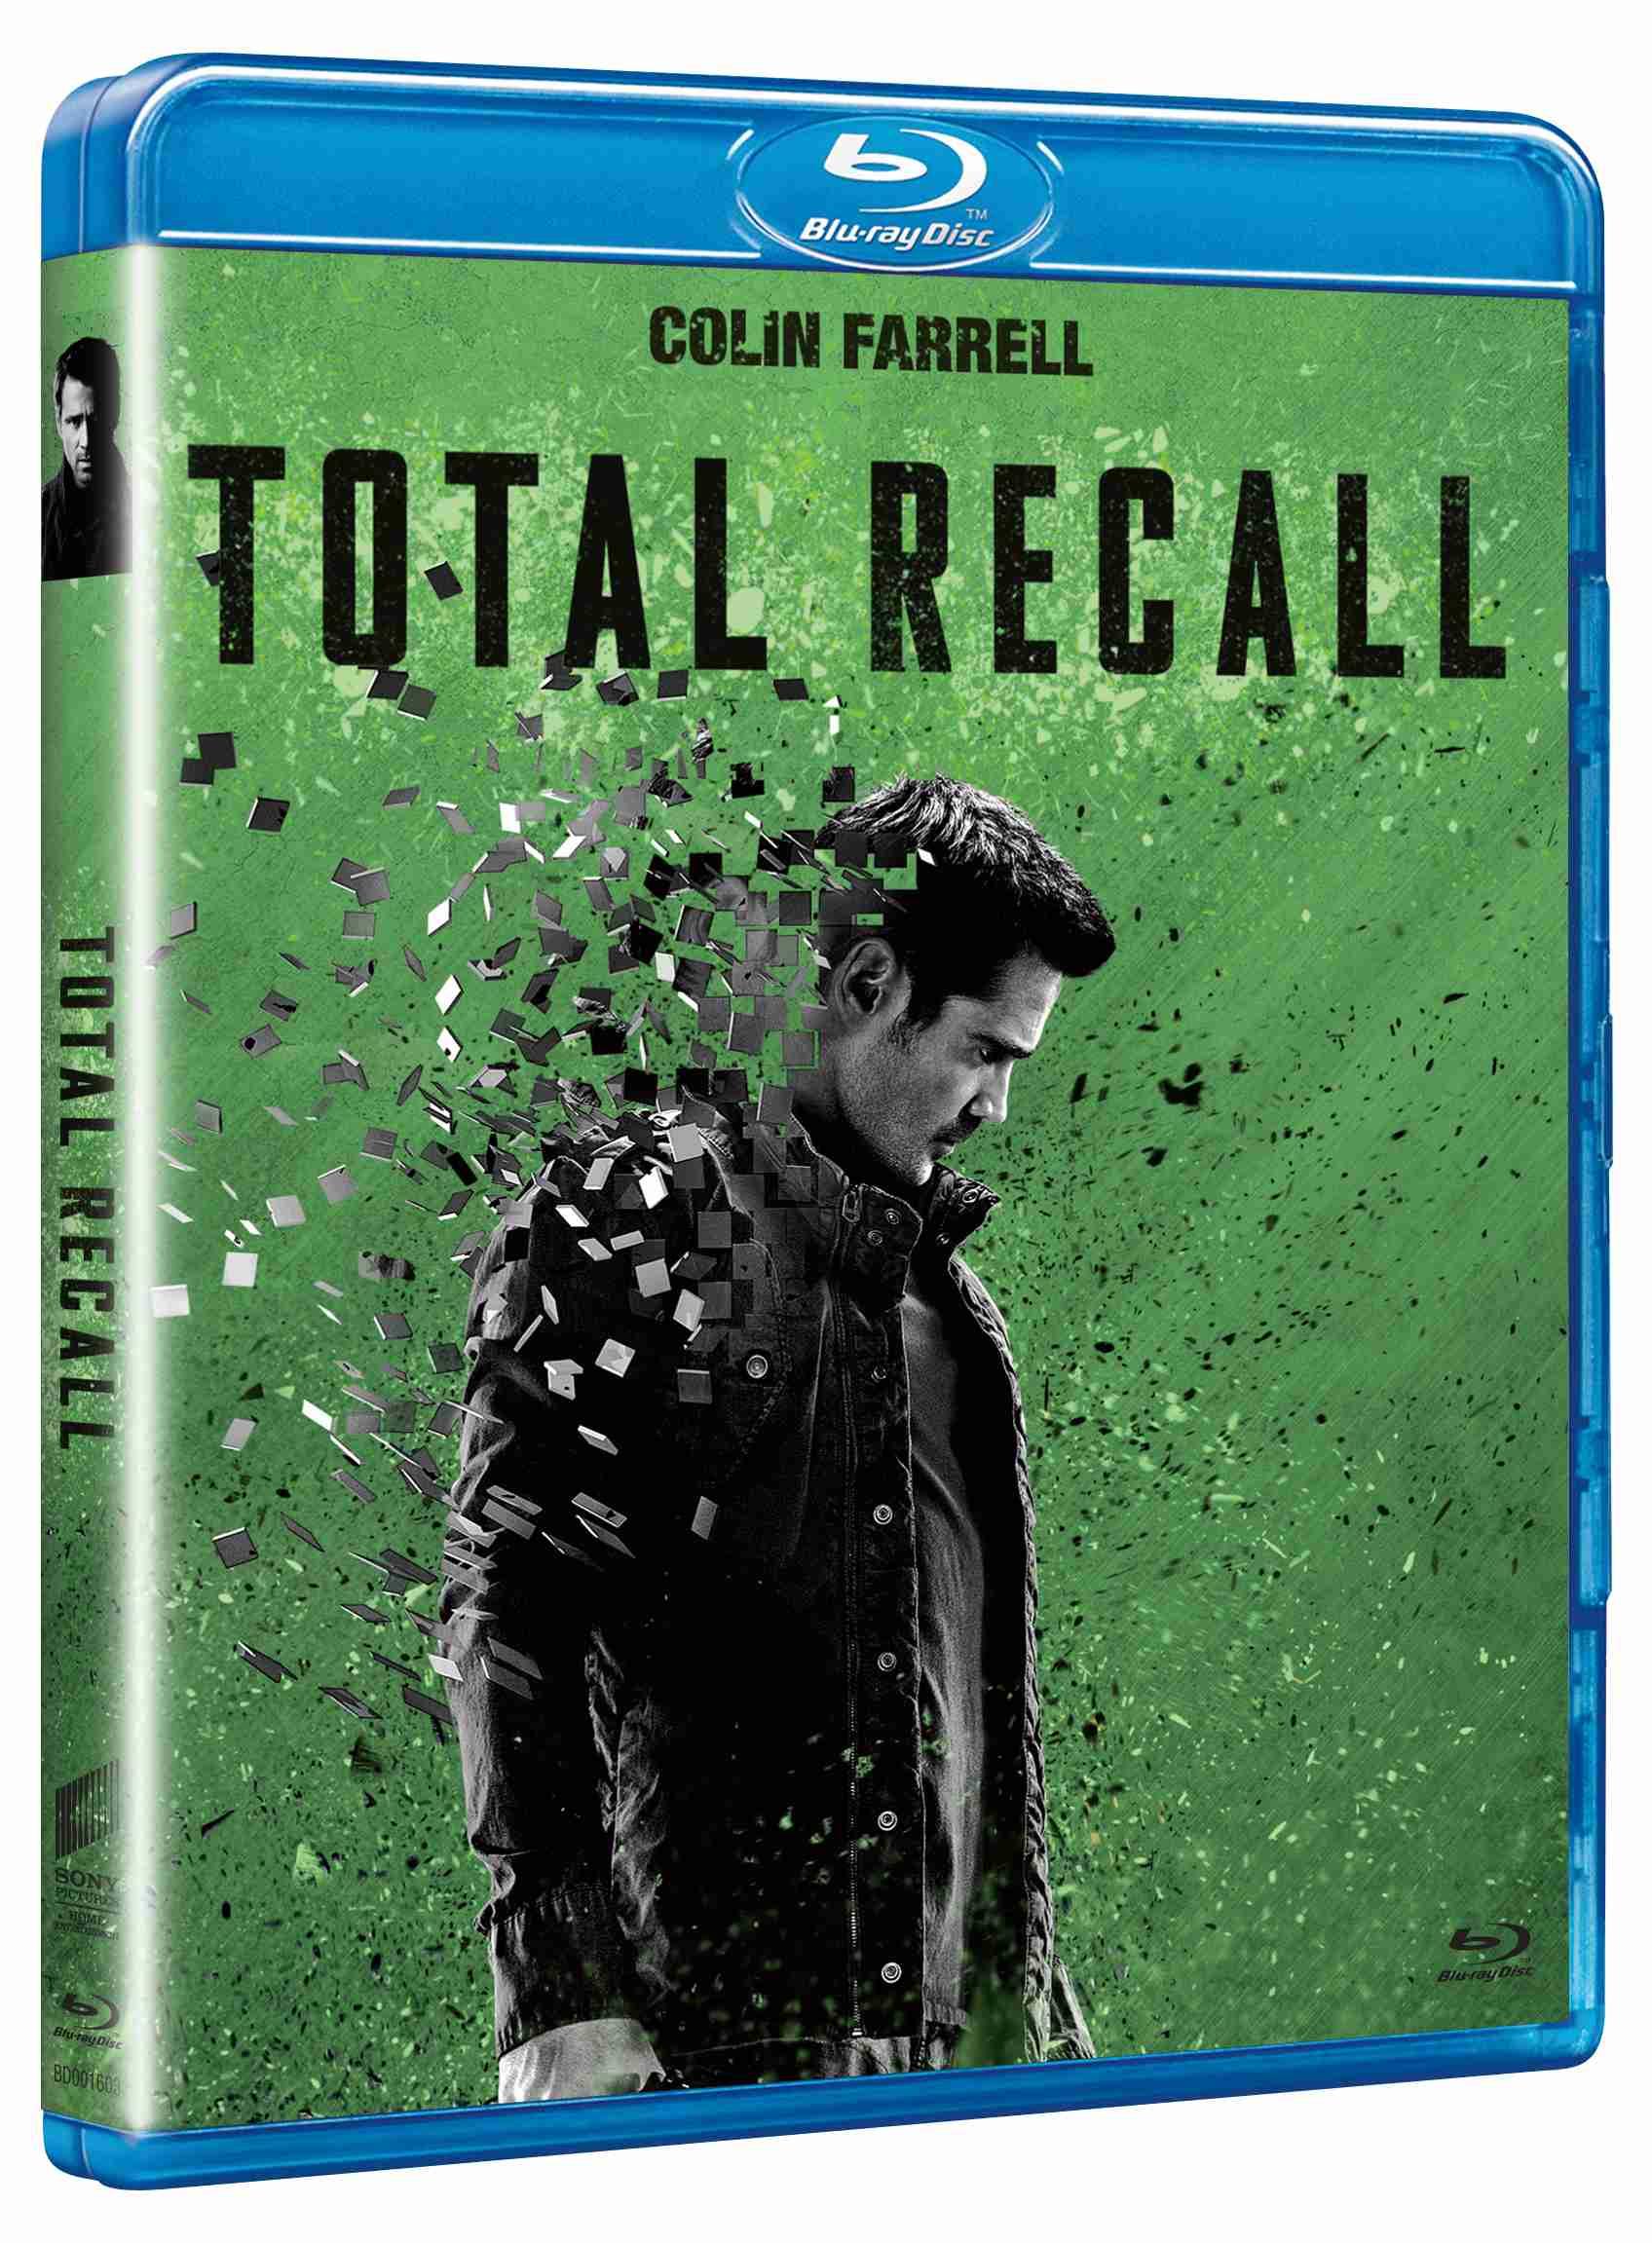 TOTAL RECALL (Big Face) - Blu-ray